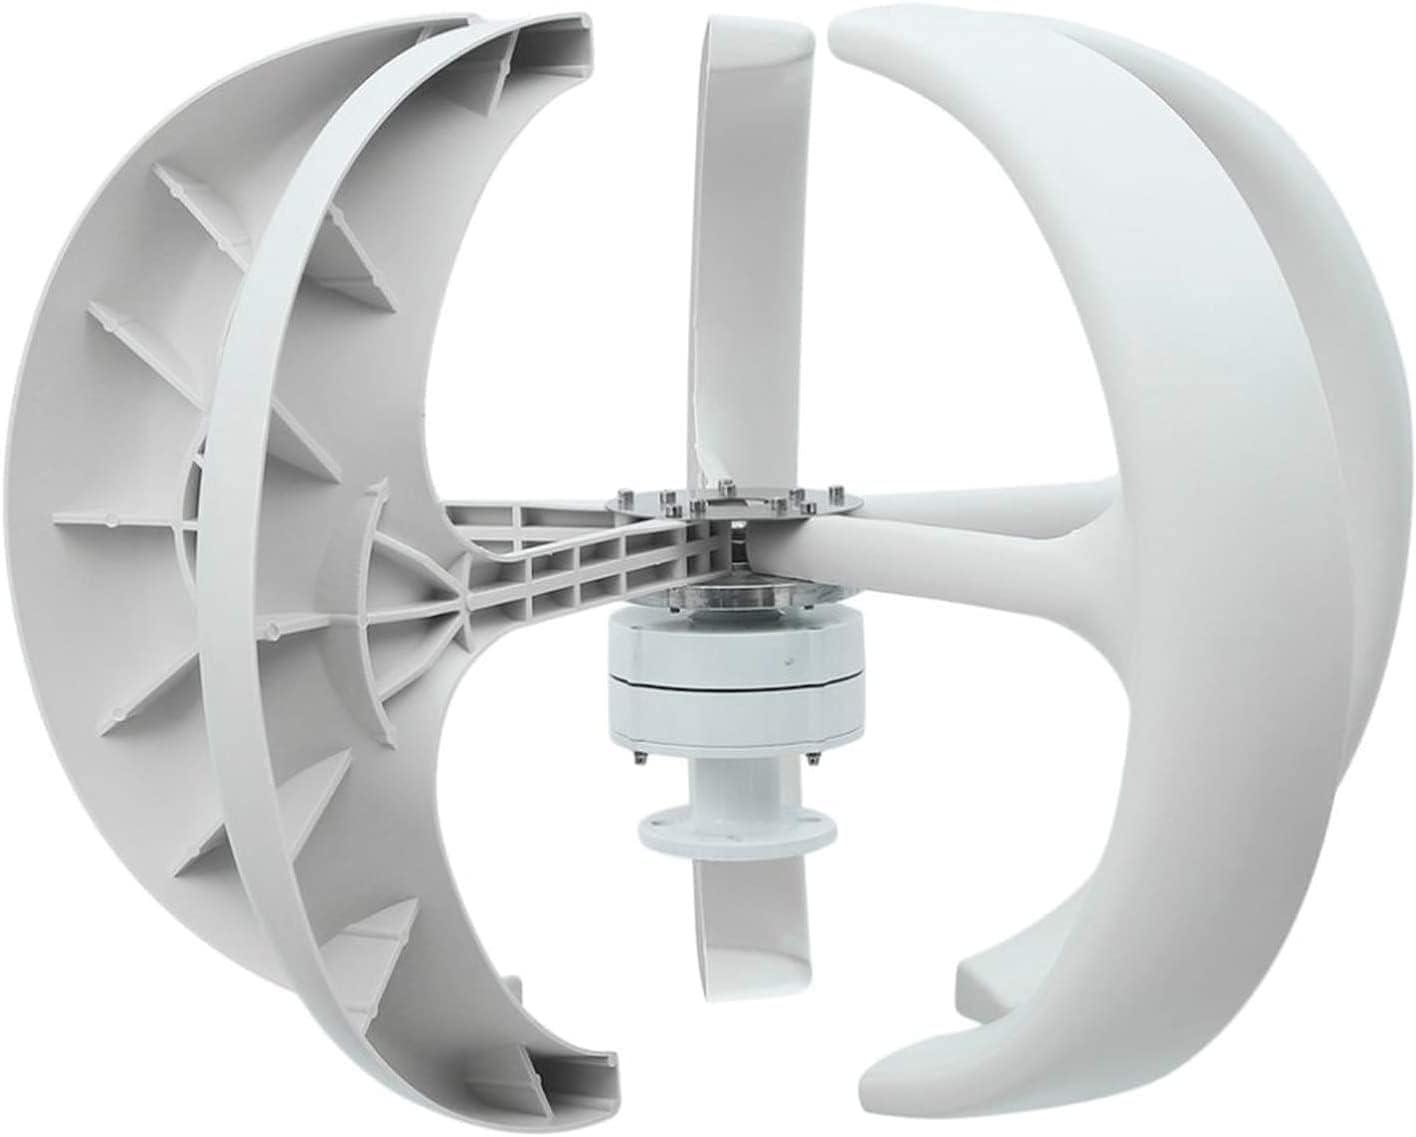 FCPLLTR 300 W tipo linterna 5 ejes verticales aerogeneradores, 12 V generador de energía turbina de viento para exterior y jardín (tamaño: 24 V)